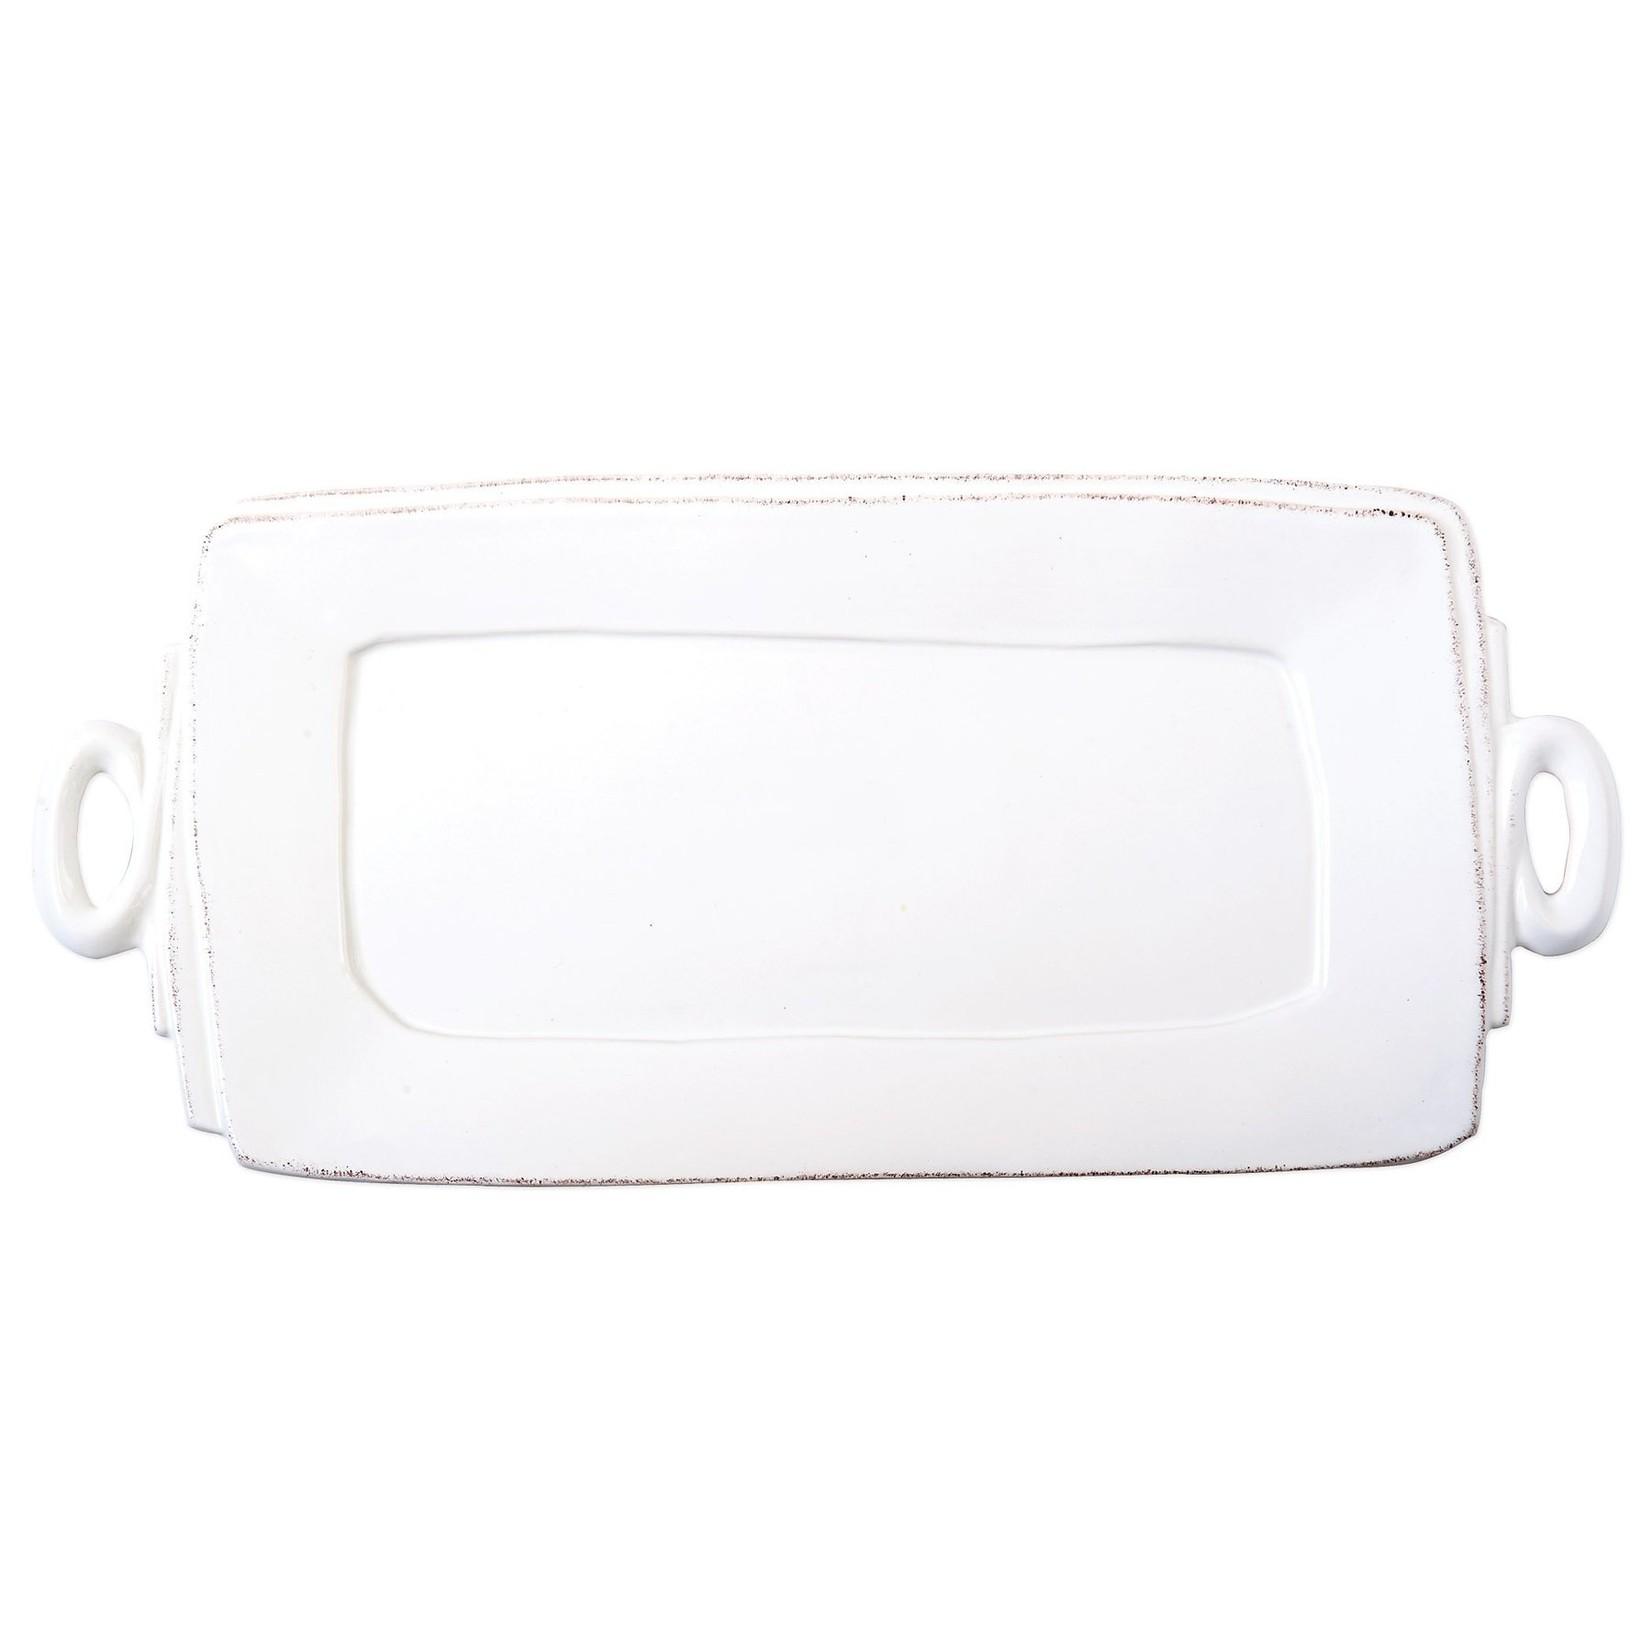 Lastra Handled Rectangular Platter